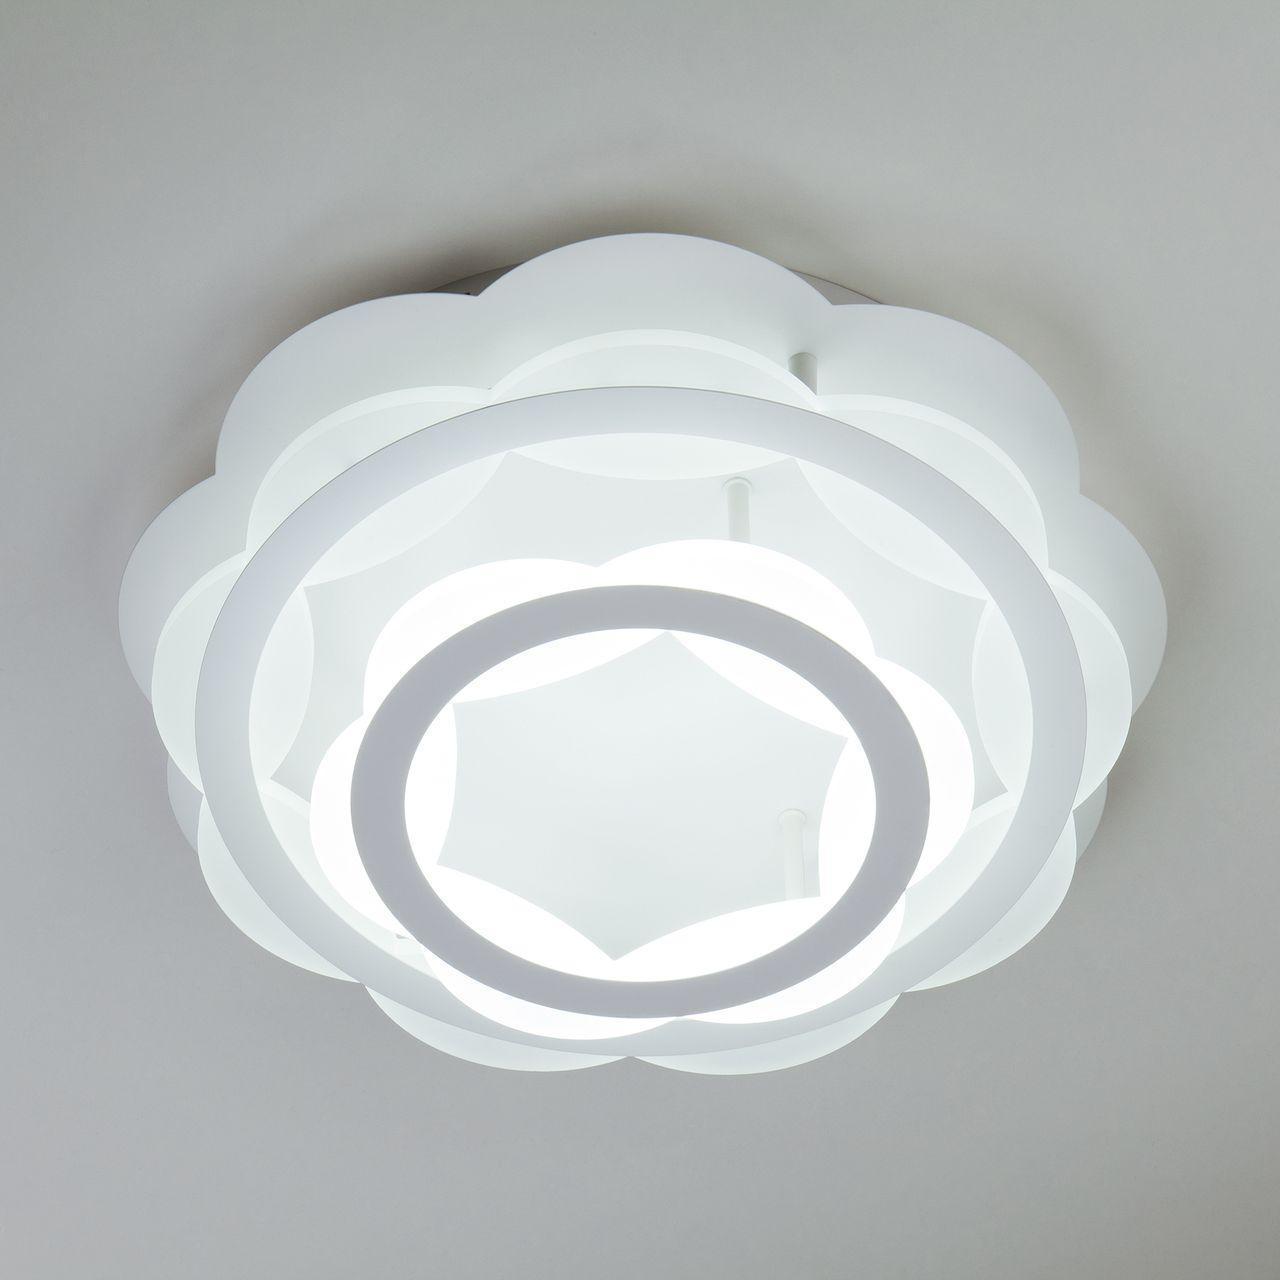 Купить Потолочный светодиодный светильник с пультом ду Eurosvet Corona белый, inmyroom, Россия